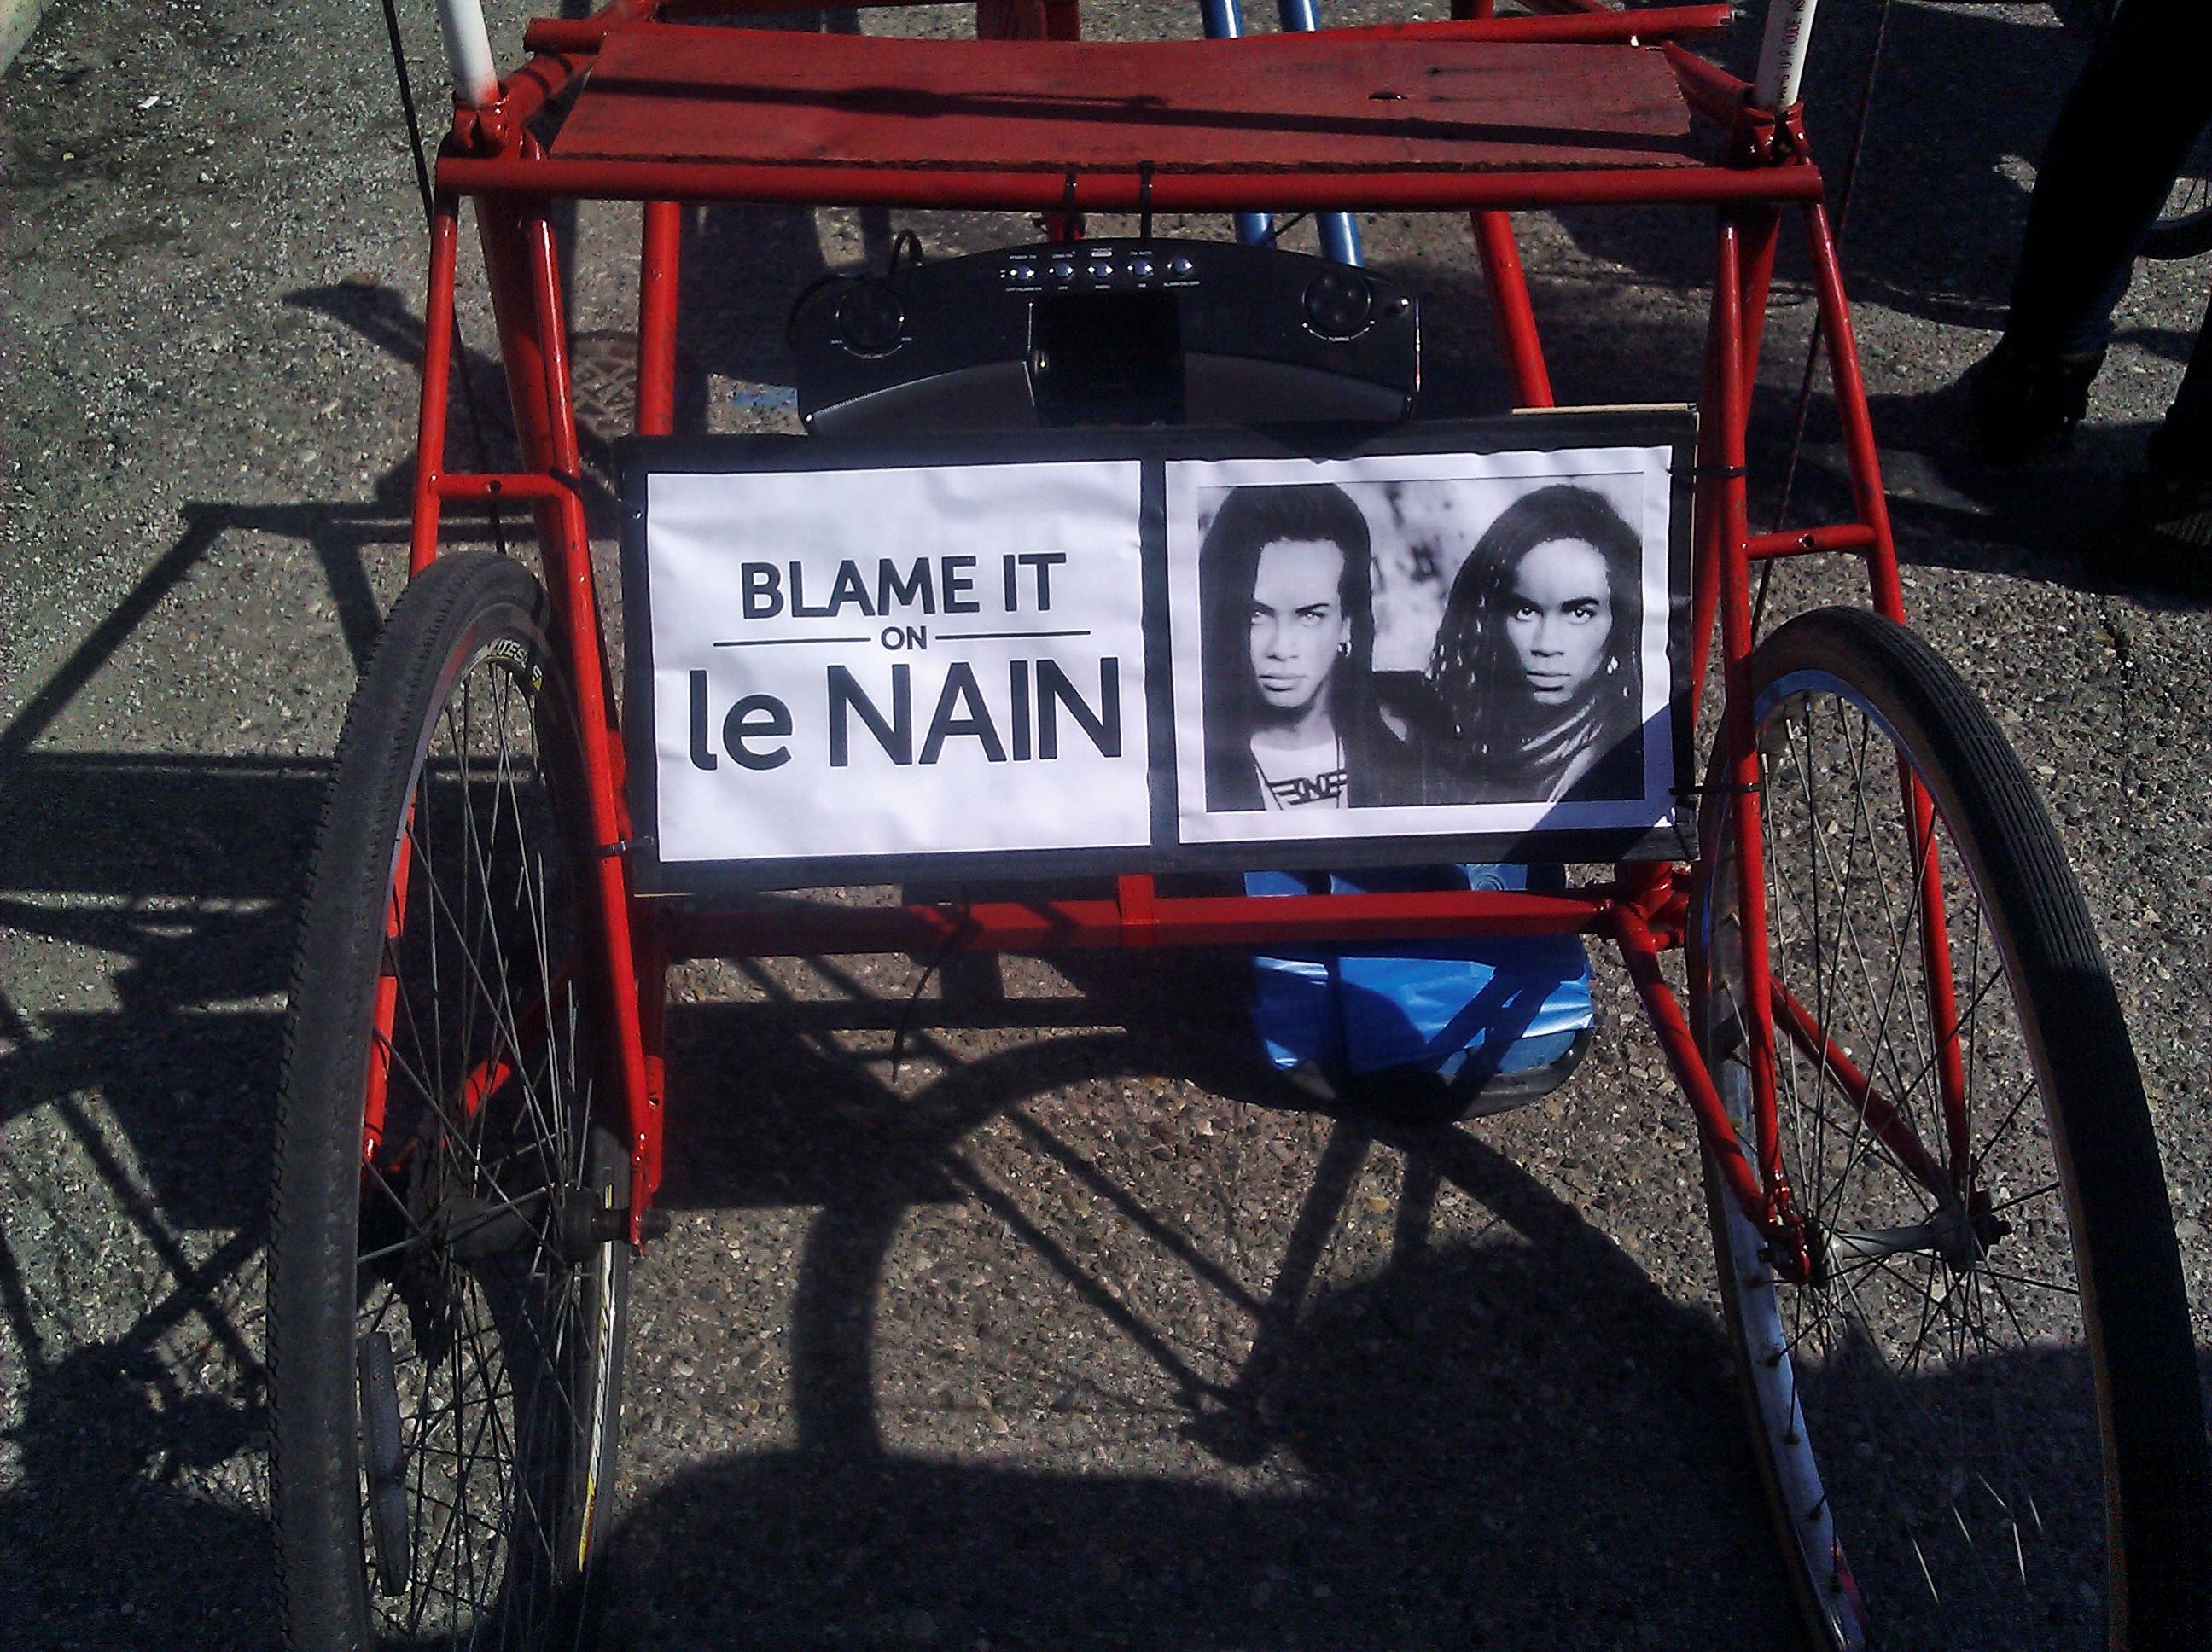 Blame it on le Nain